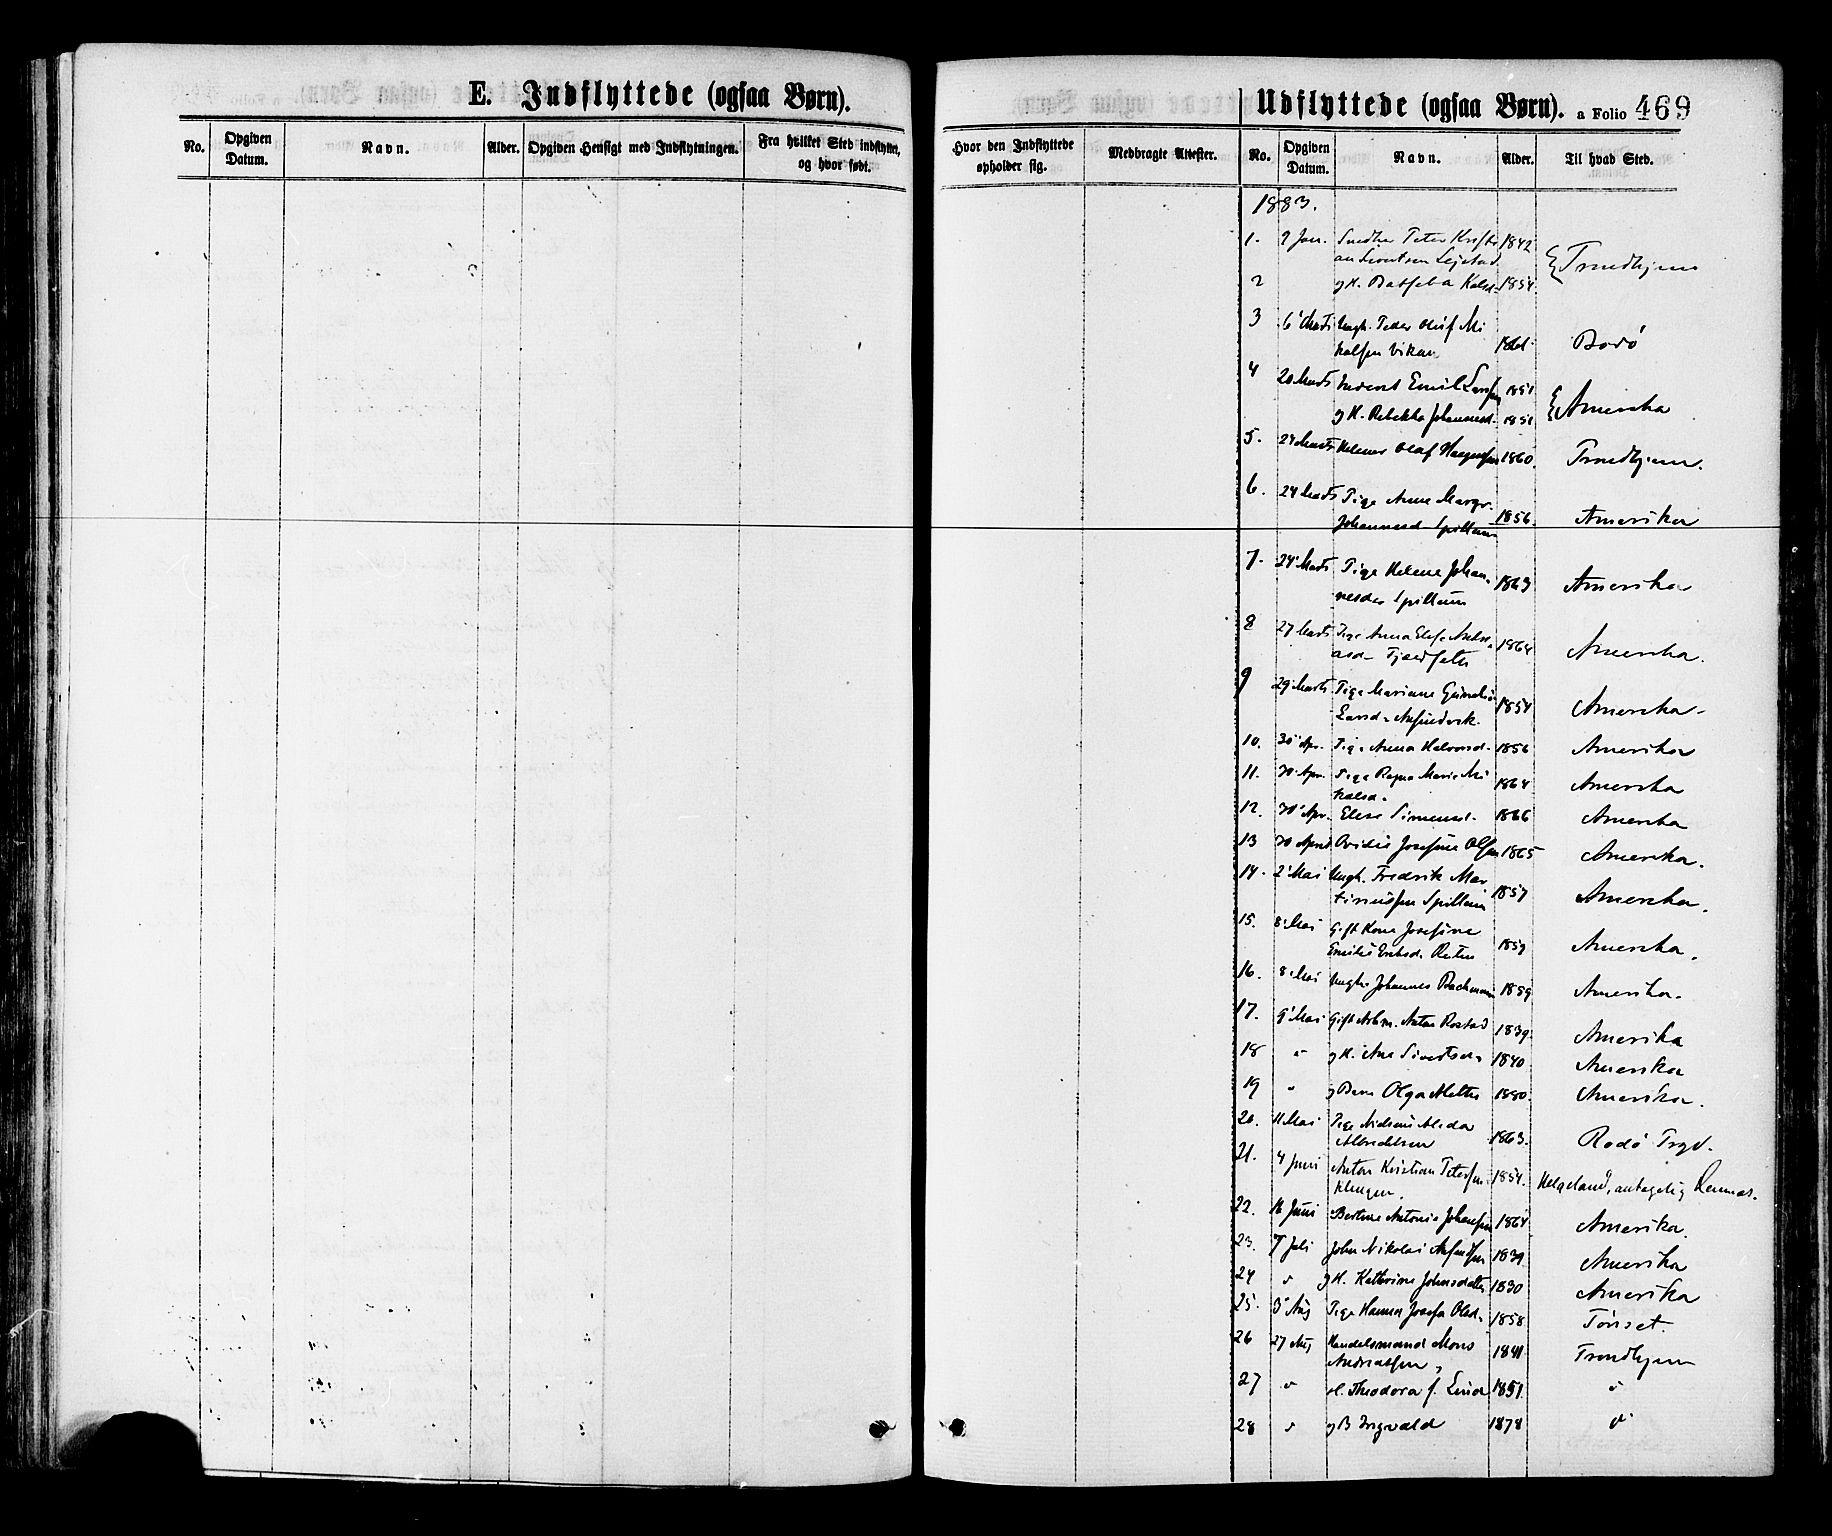 SAT, Ministerialprotokoller, klokkerbøker og fødselsregistre - Nord-Trøndelag, 768/L0572: Ministerialbok nr. 768A07, 1874-1886, s. 469